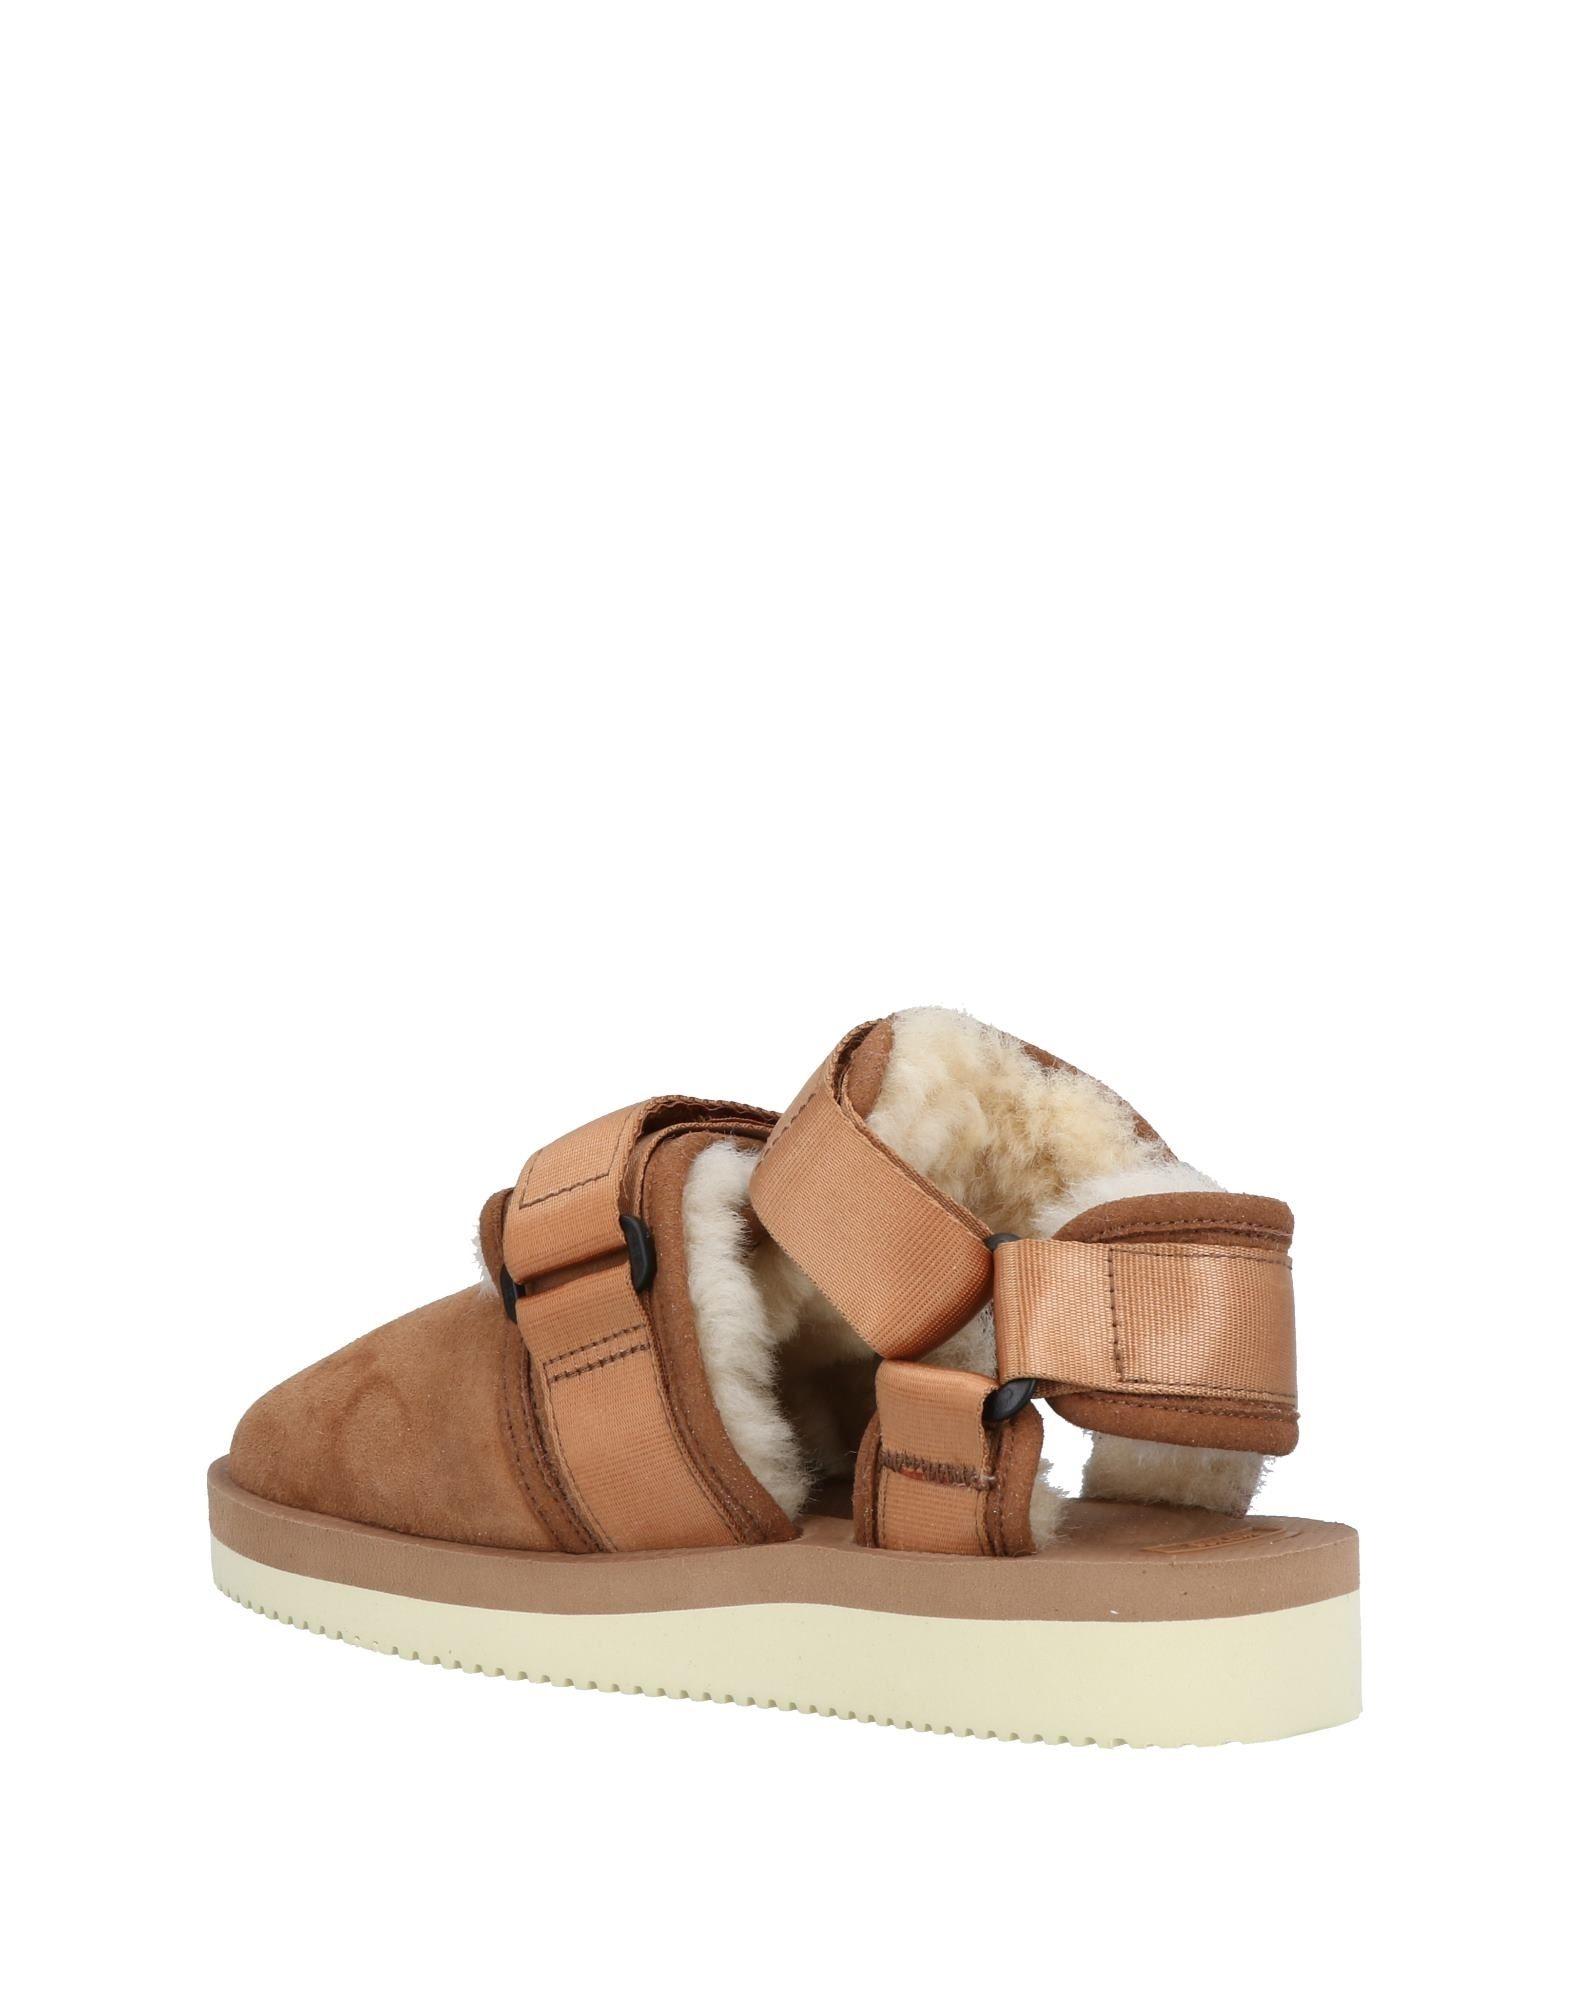 Heiße Suicoke Pantoletten Damen  11465866PK Heiße  Schuhe 2ed31e